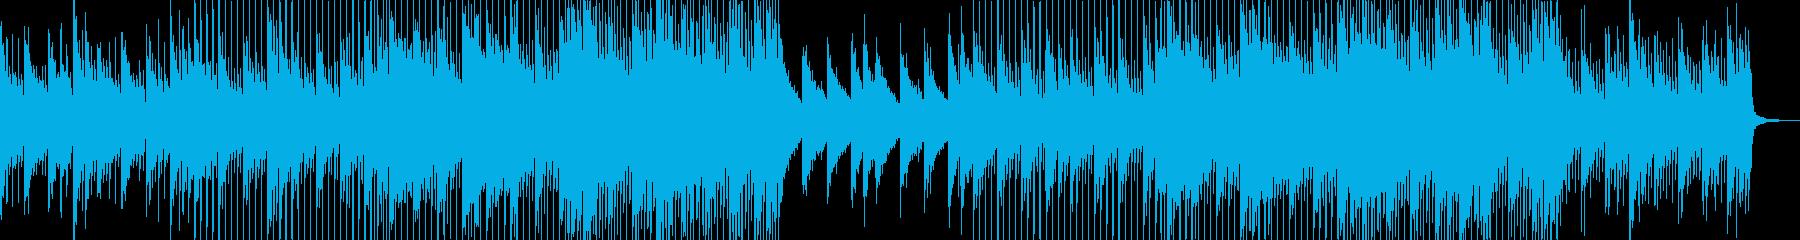 アコギとピアノが爽やかな透明感のある曲の再生済みの波形